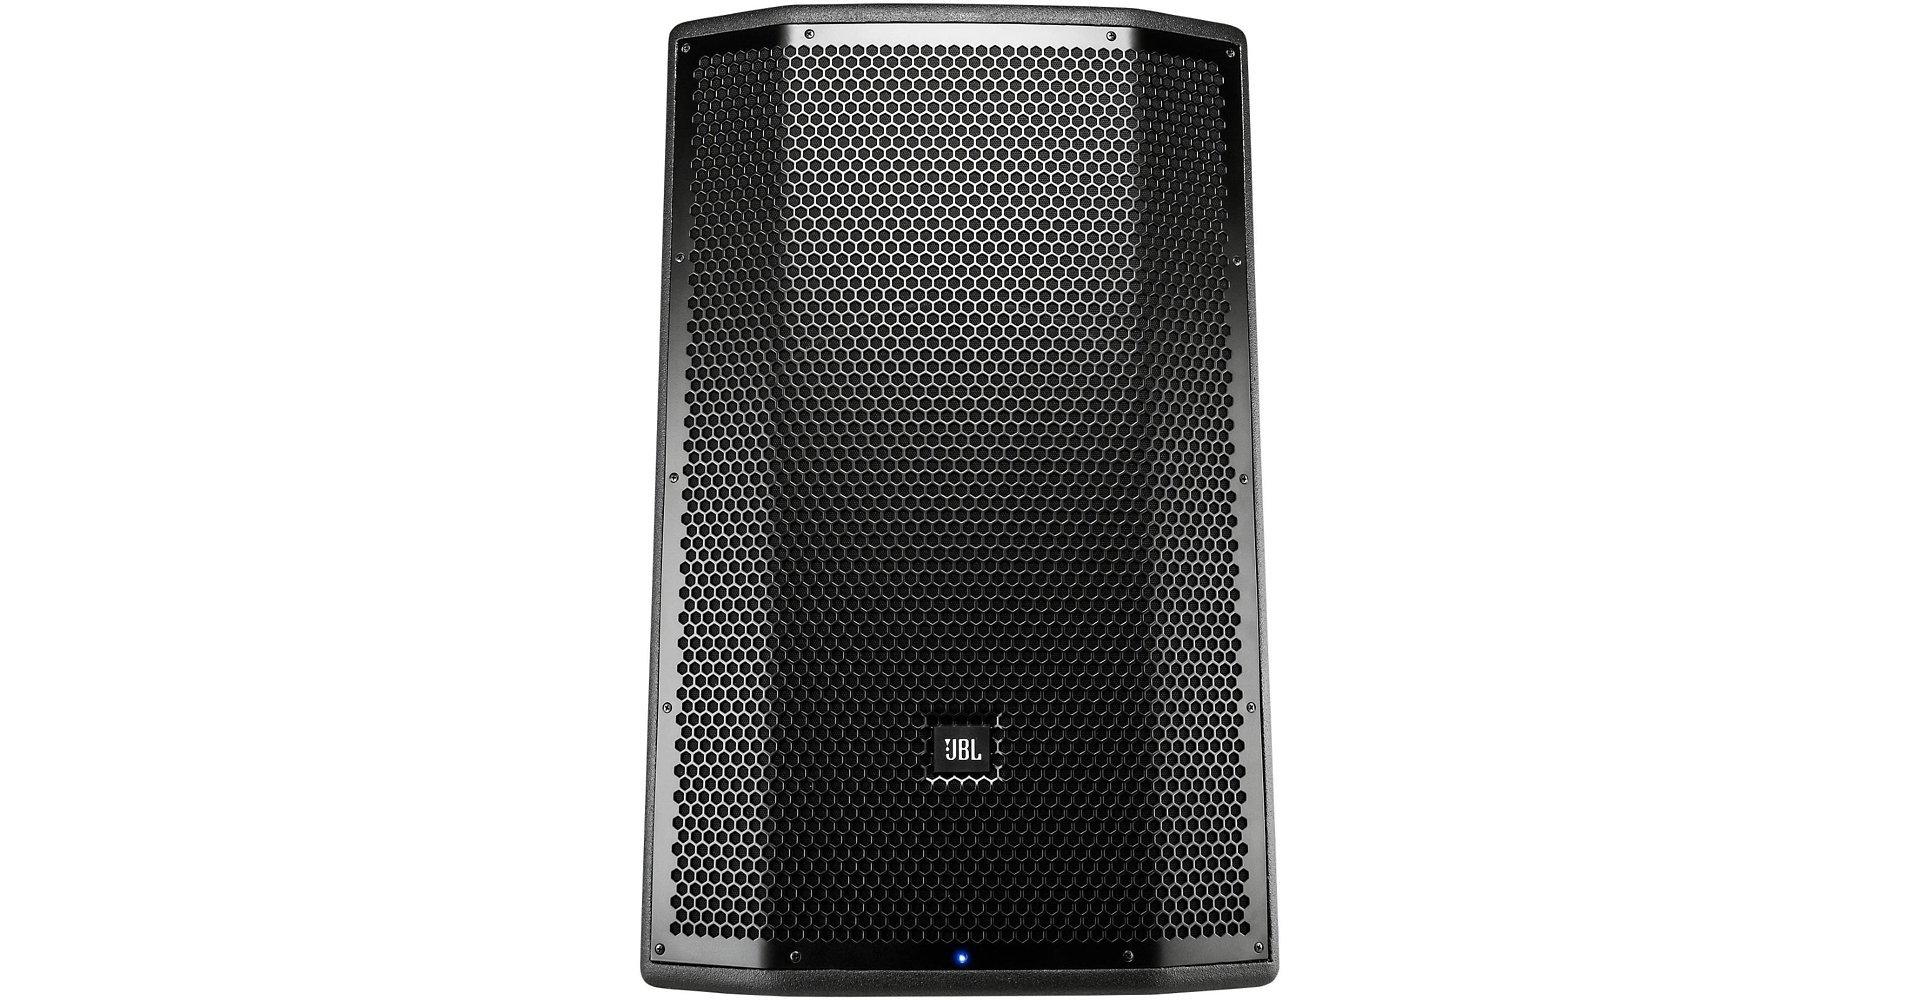 JBL Professional JBL PRX815W-15'' Two-Way Full-Range Main System/Floor Monitor with Wi-Fi, Black, 15'' speaker (PRX815W) by JBL Professional